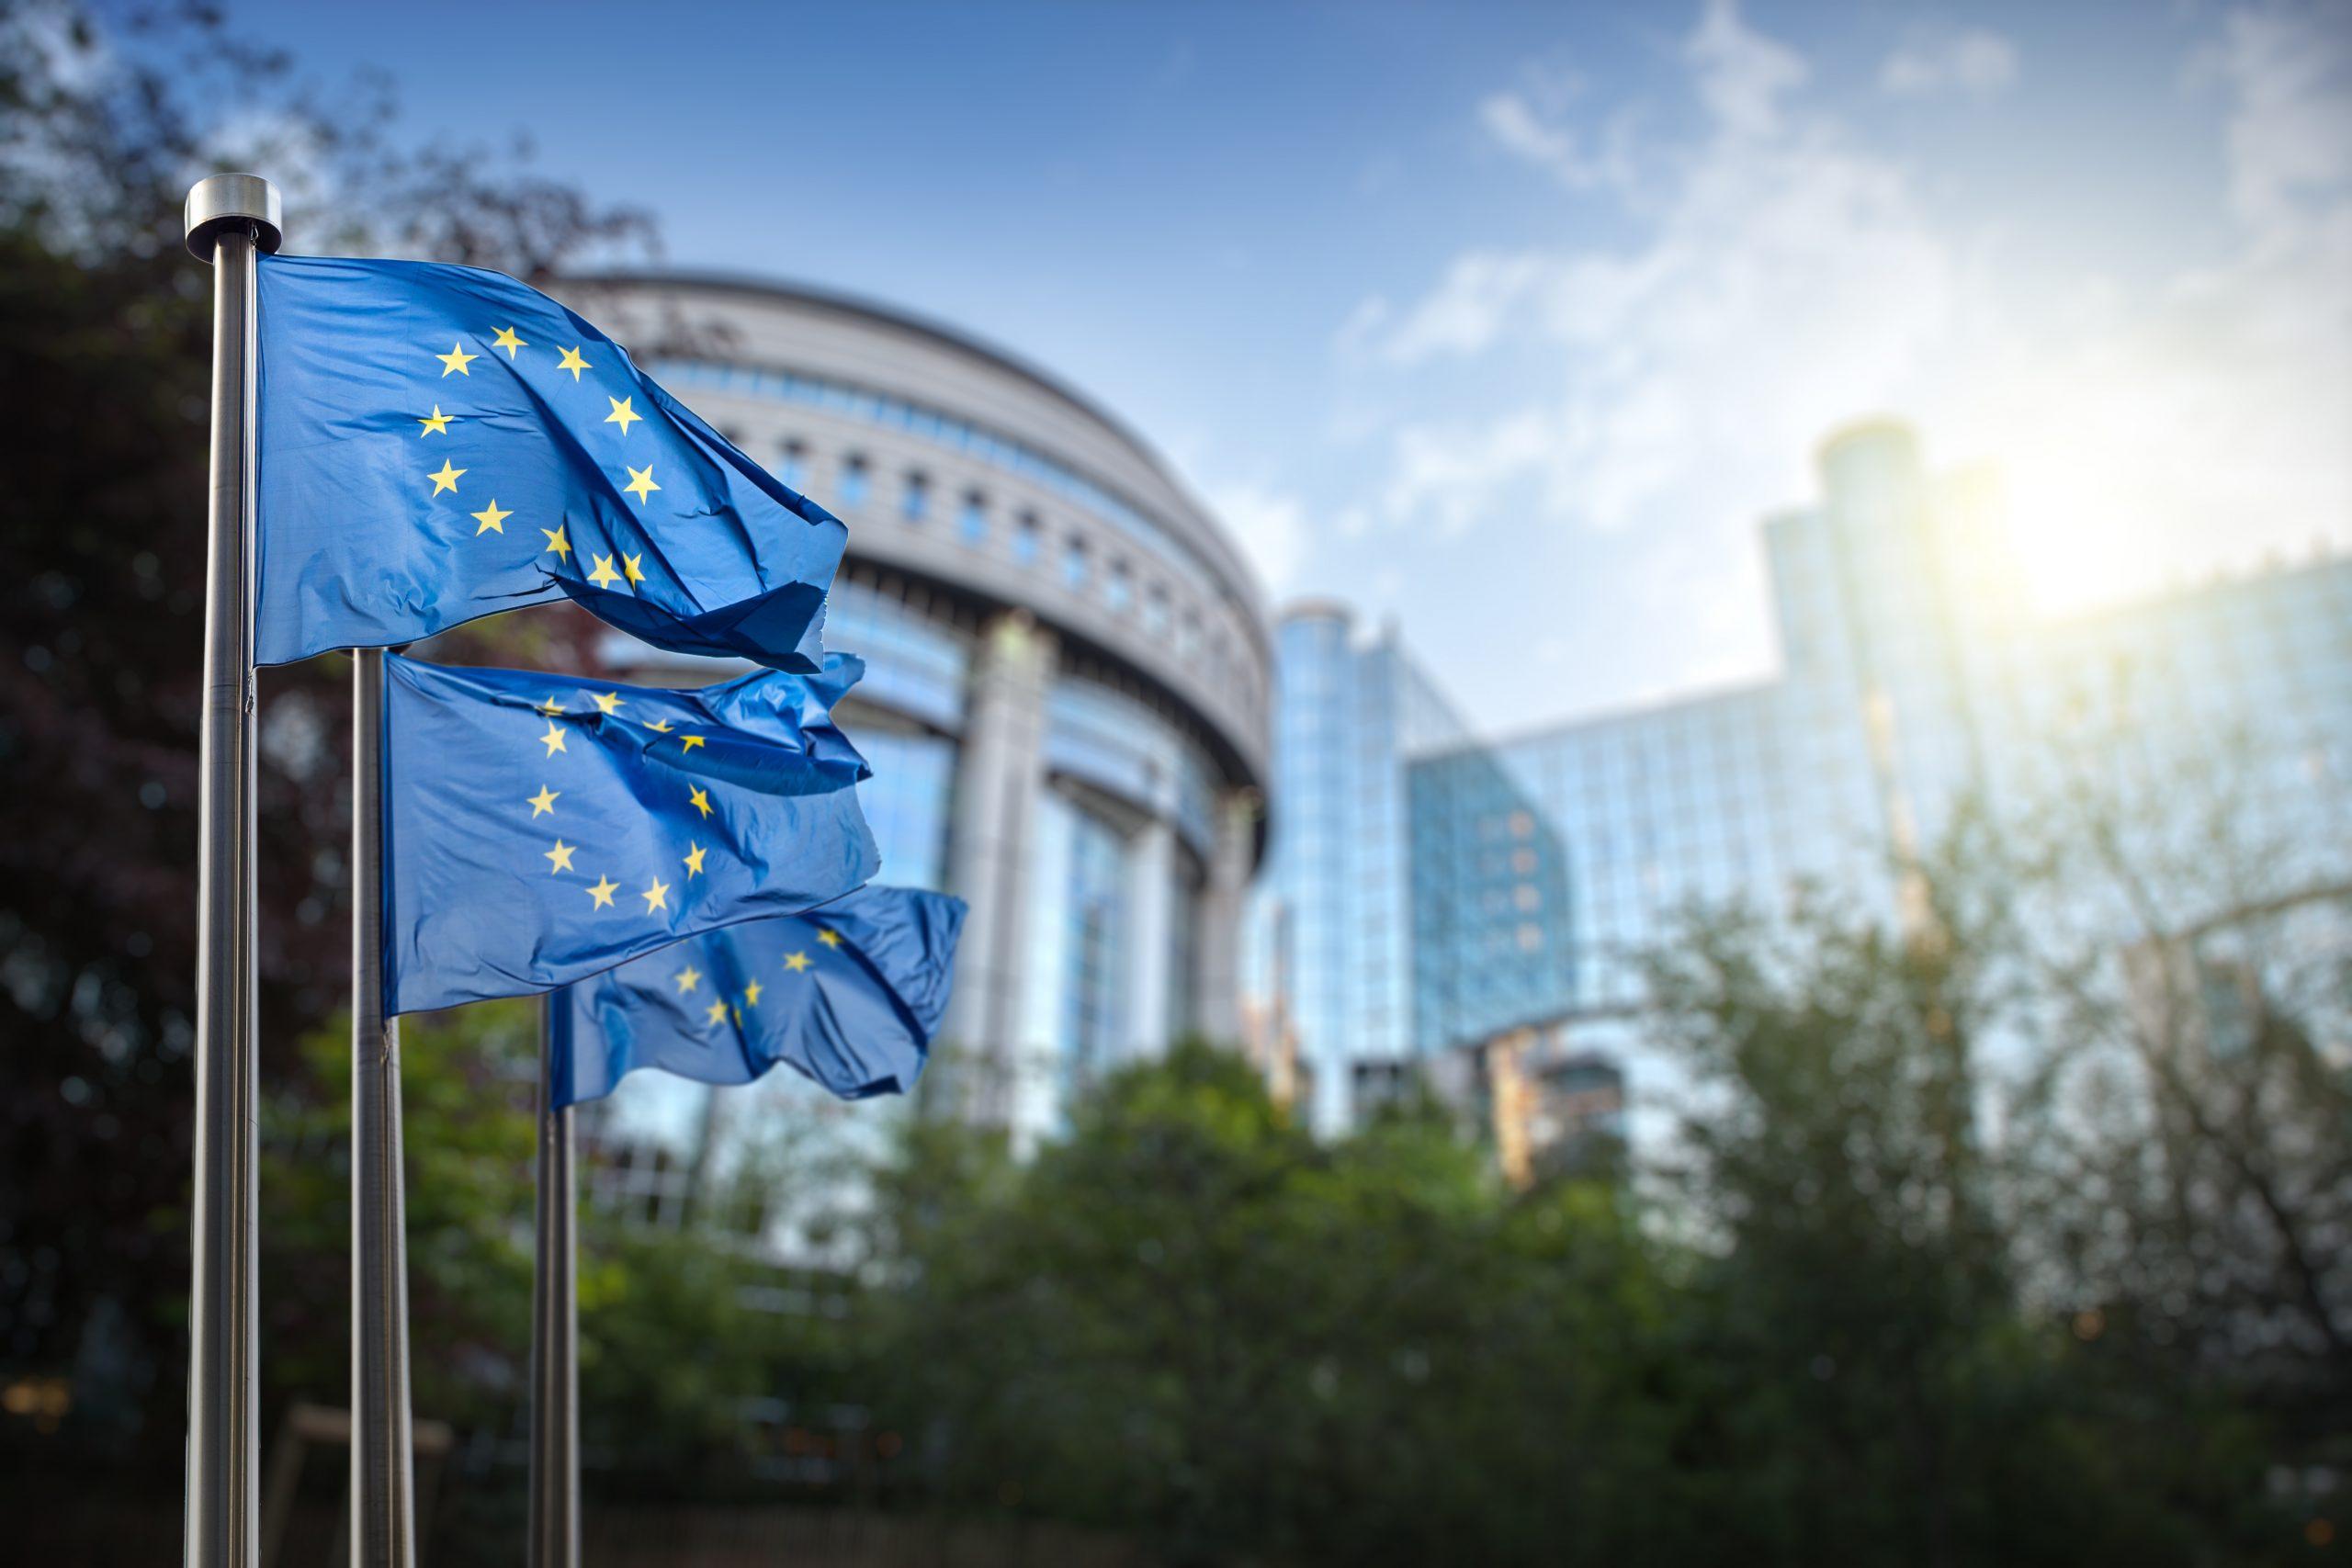 Le Parlement européen à Bruxelles, vu depuis le parc Léopold - Crédits : artJazz / iStock